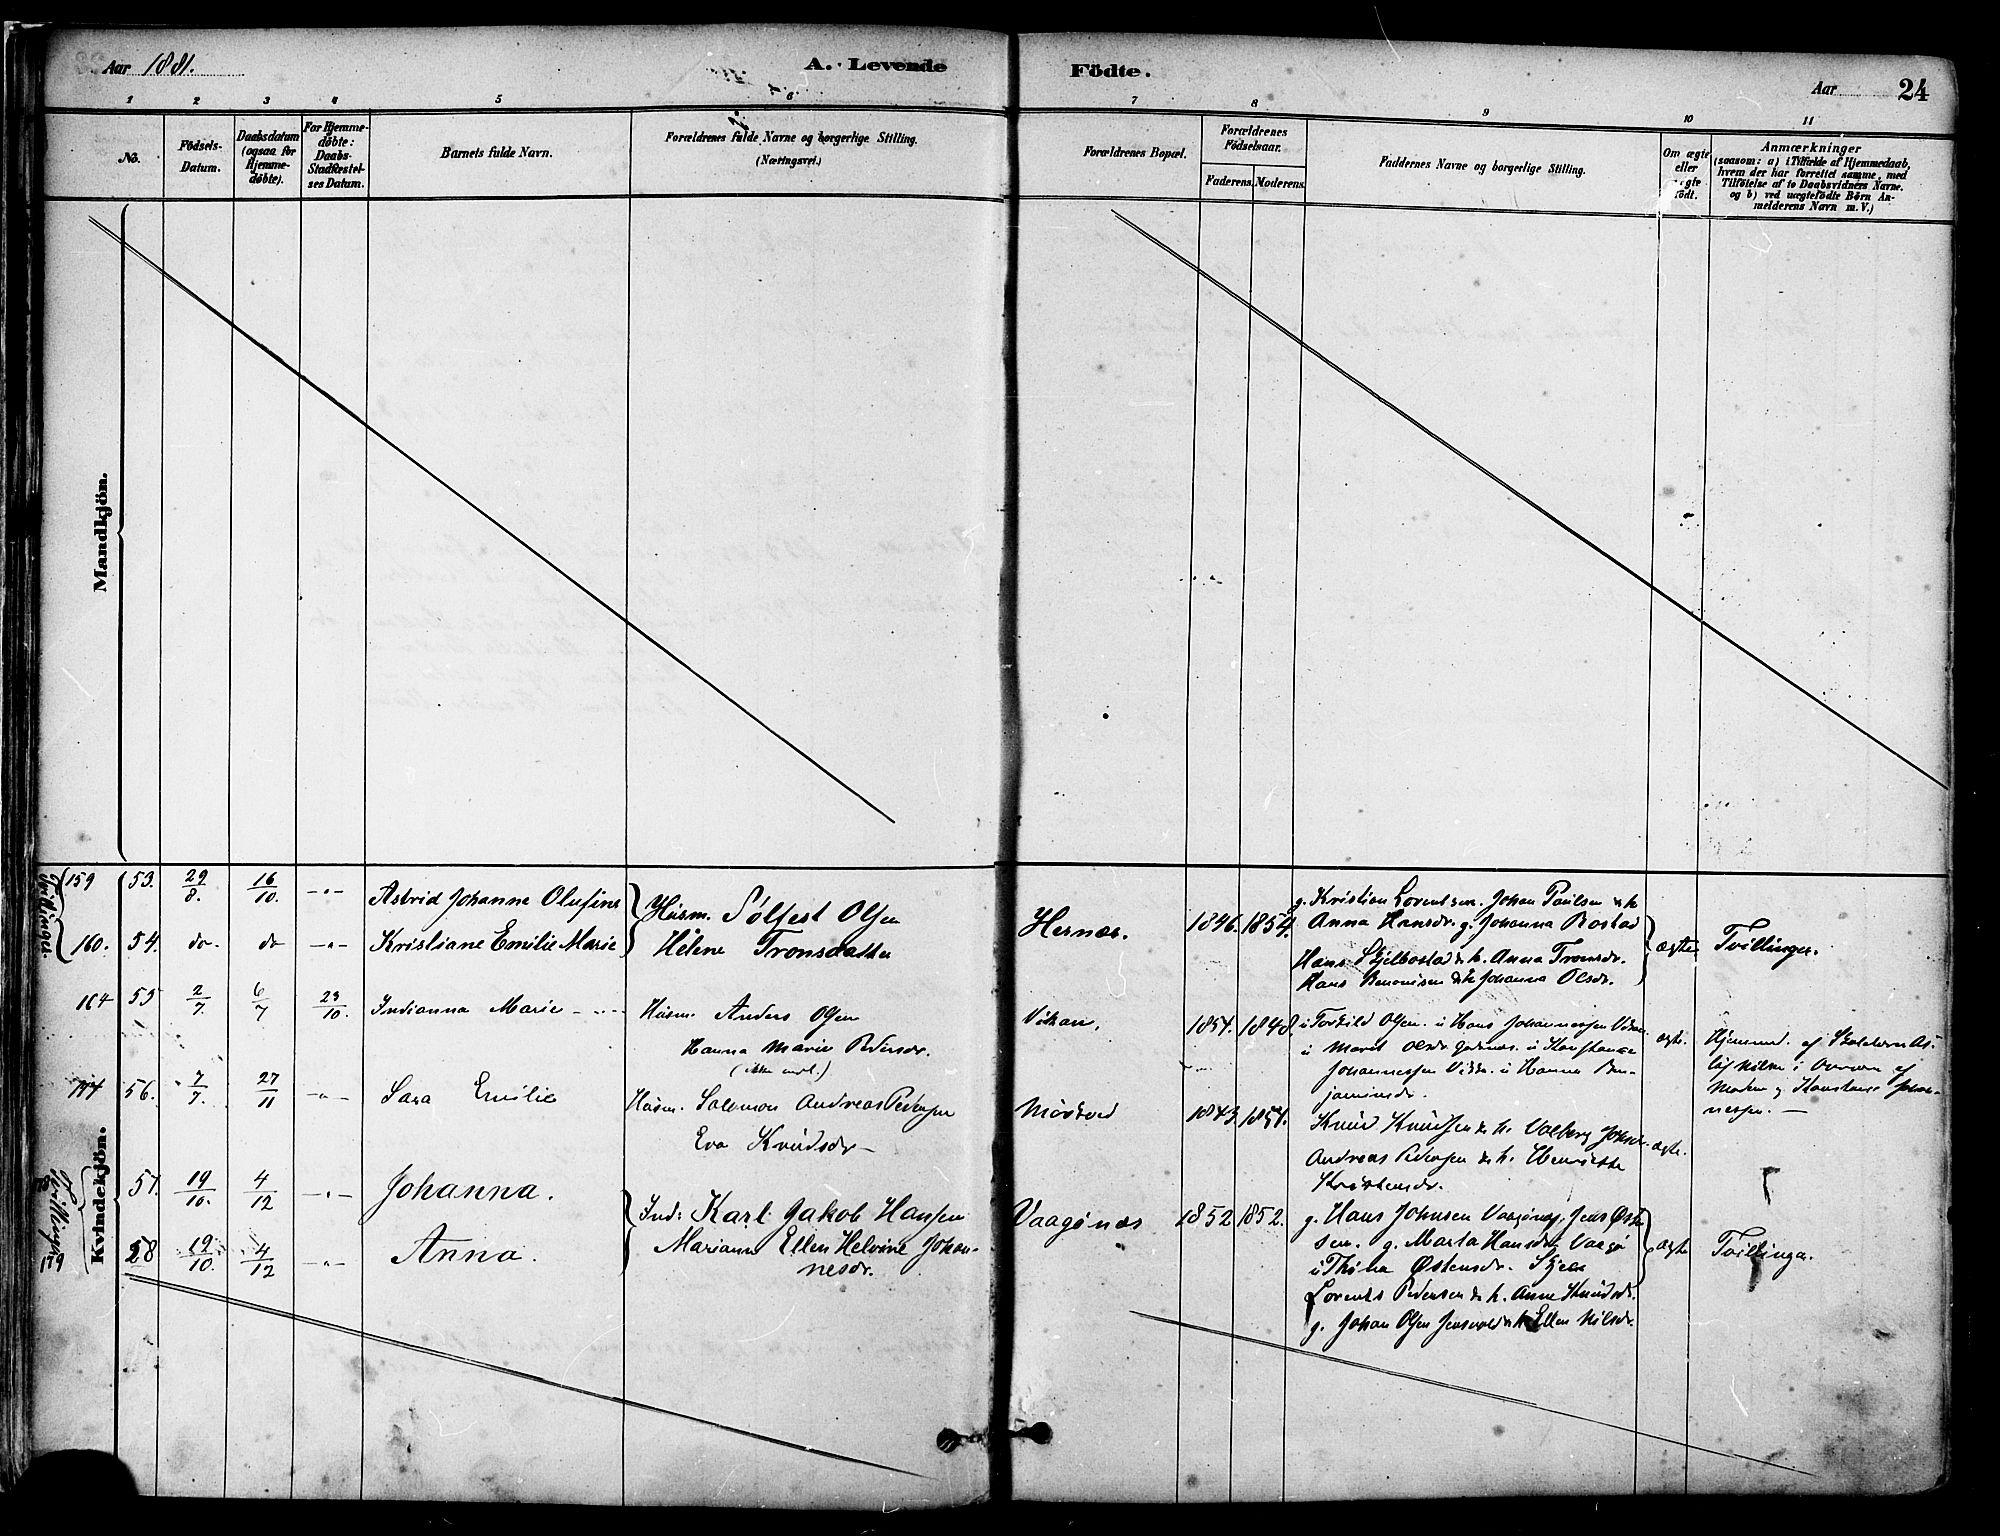 SAT, Ministerialprotokoller, klokkerbøker og fødselsregistre - Nordland, 802/L0054: Parish register (official) no. 802A01, 1879-1893, p. 24